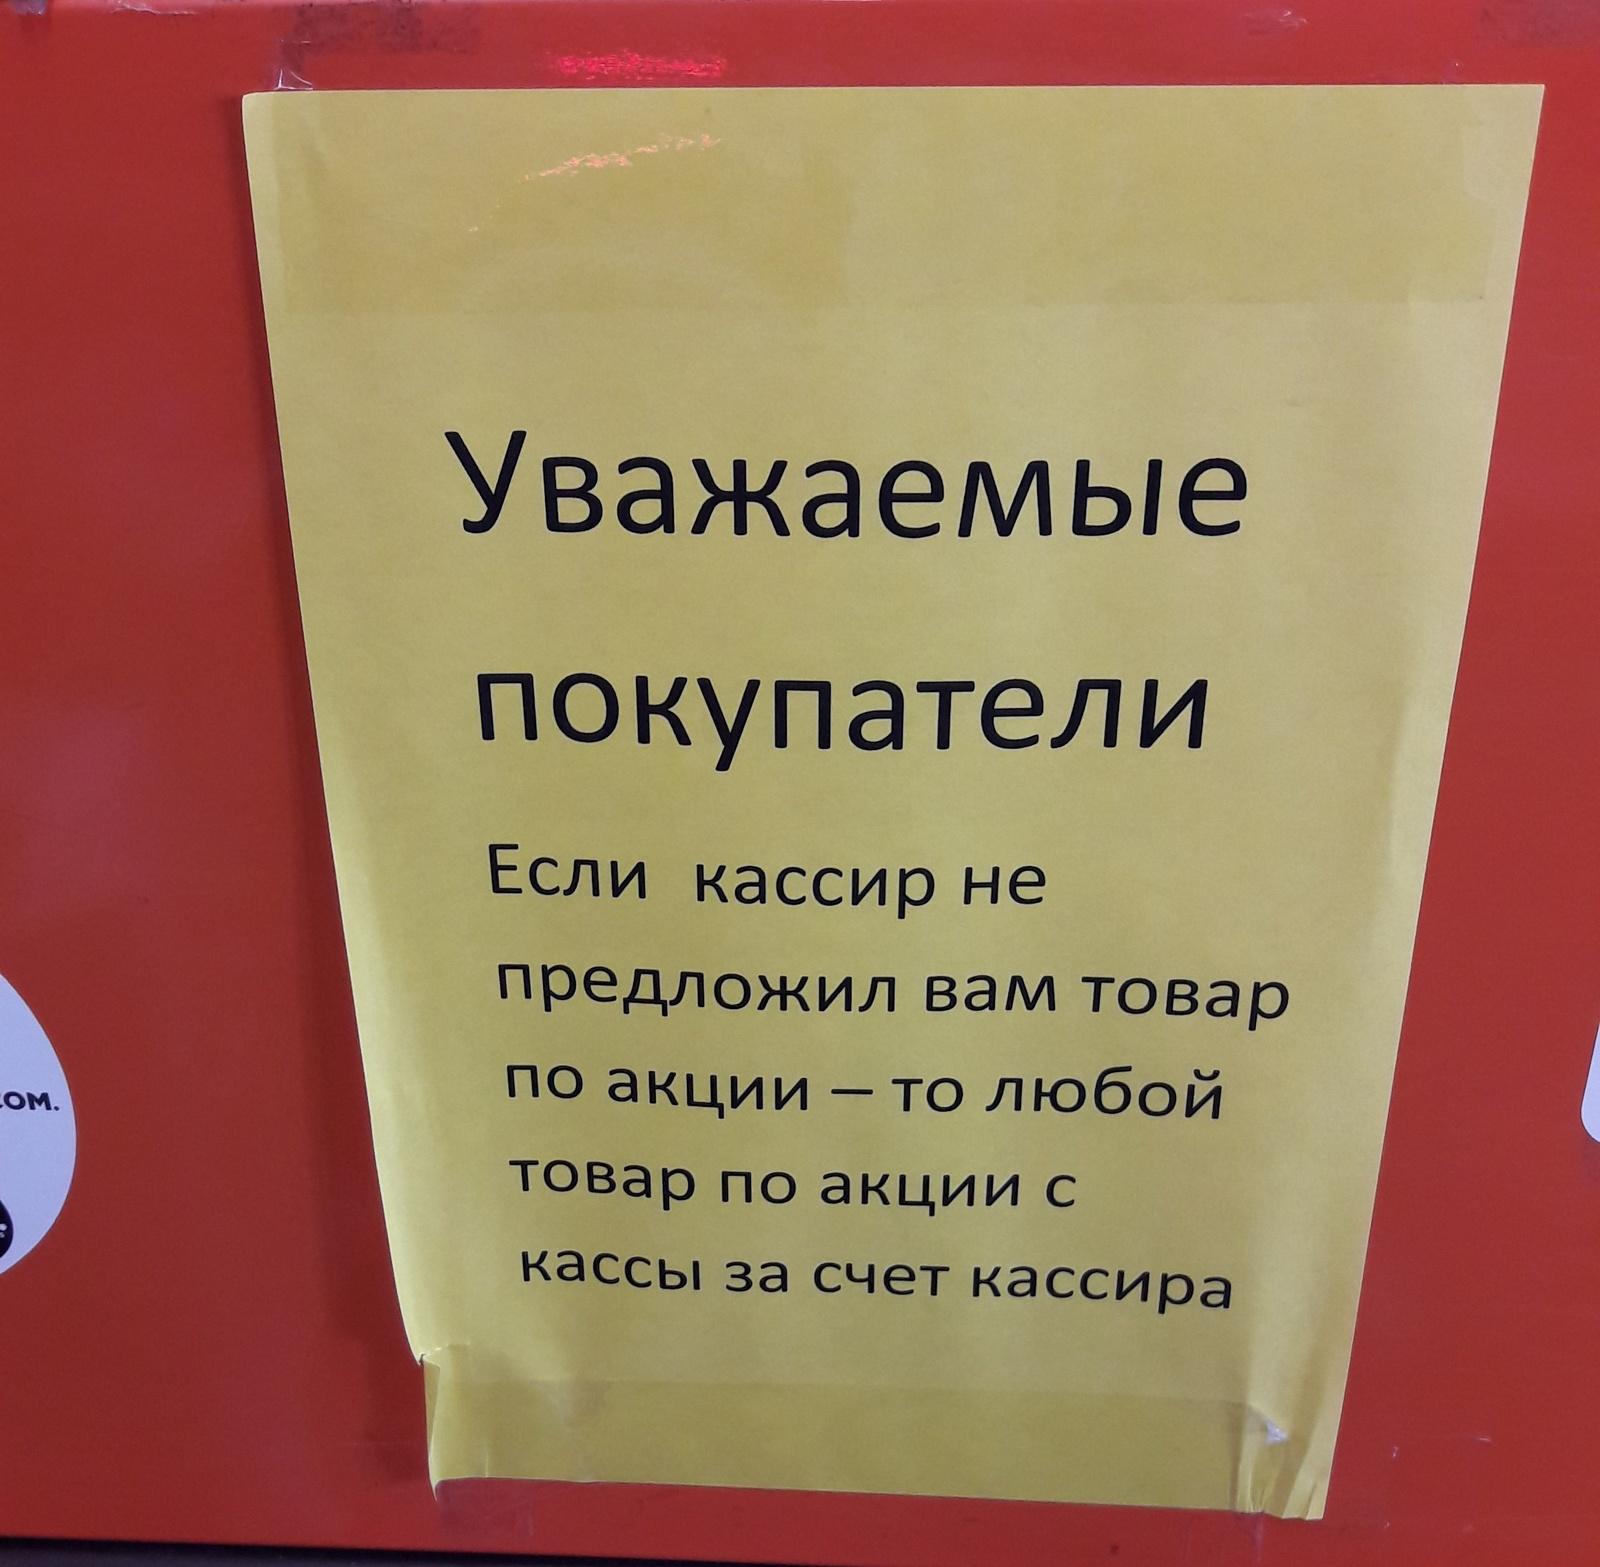 стд петрович отзывы сотрудников люберцы какую позицию заняли